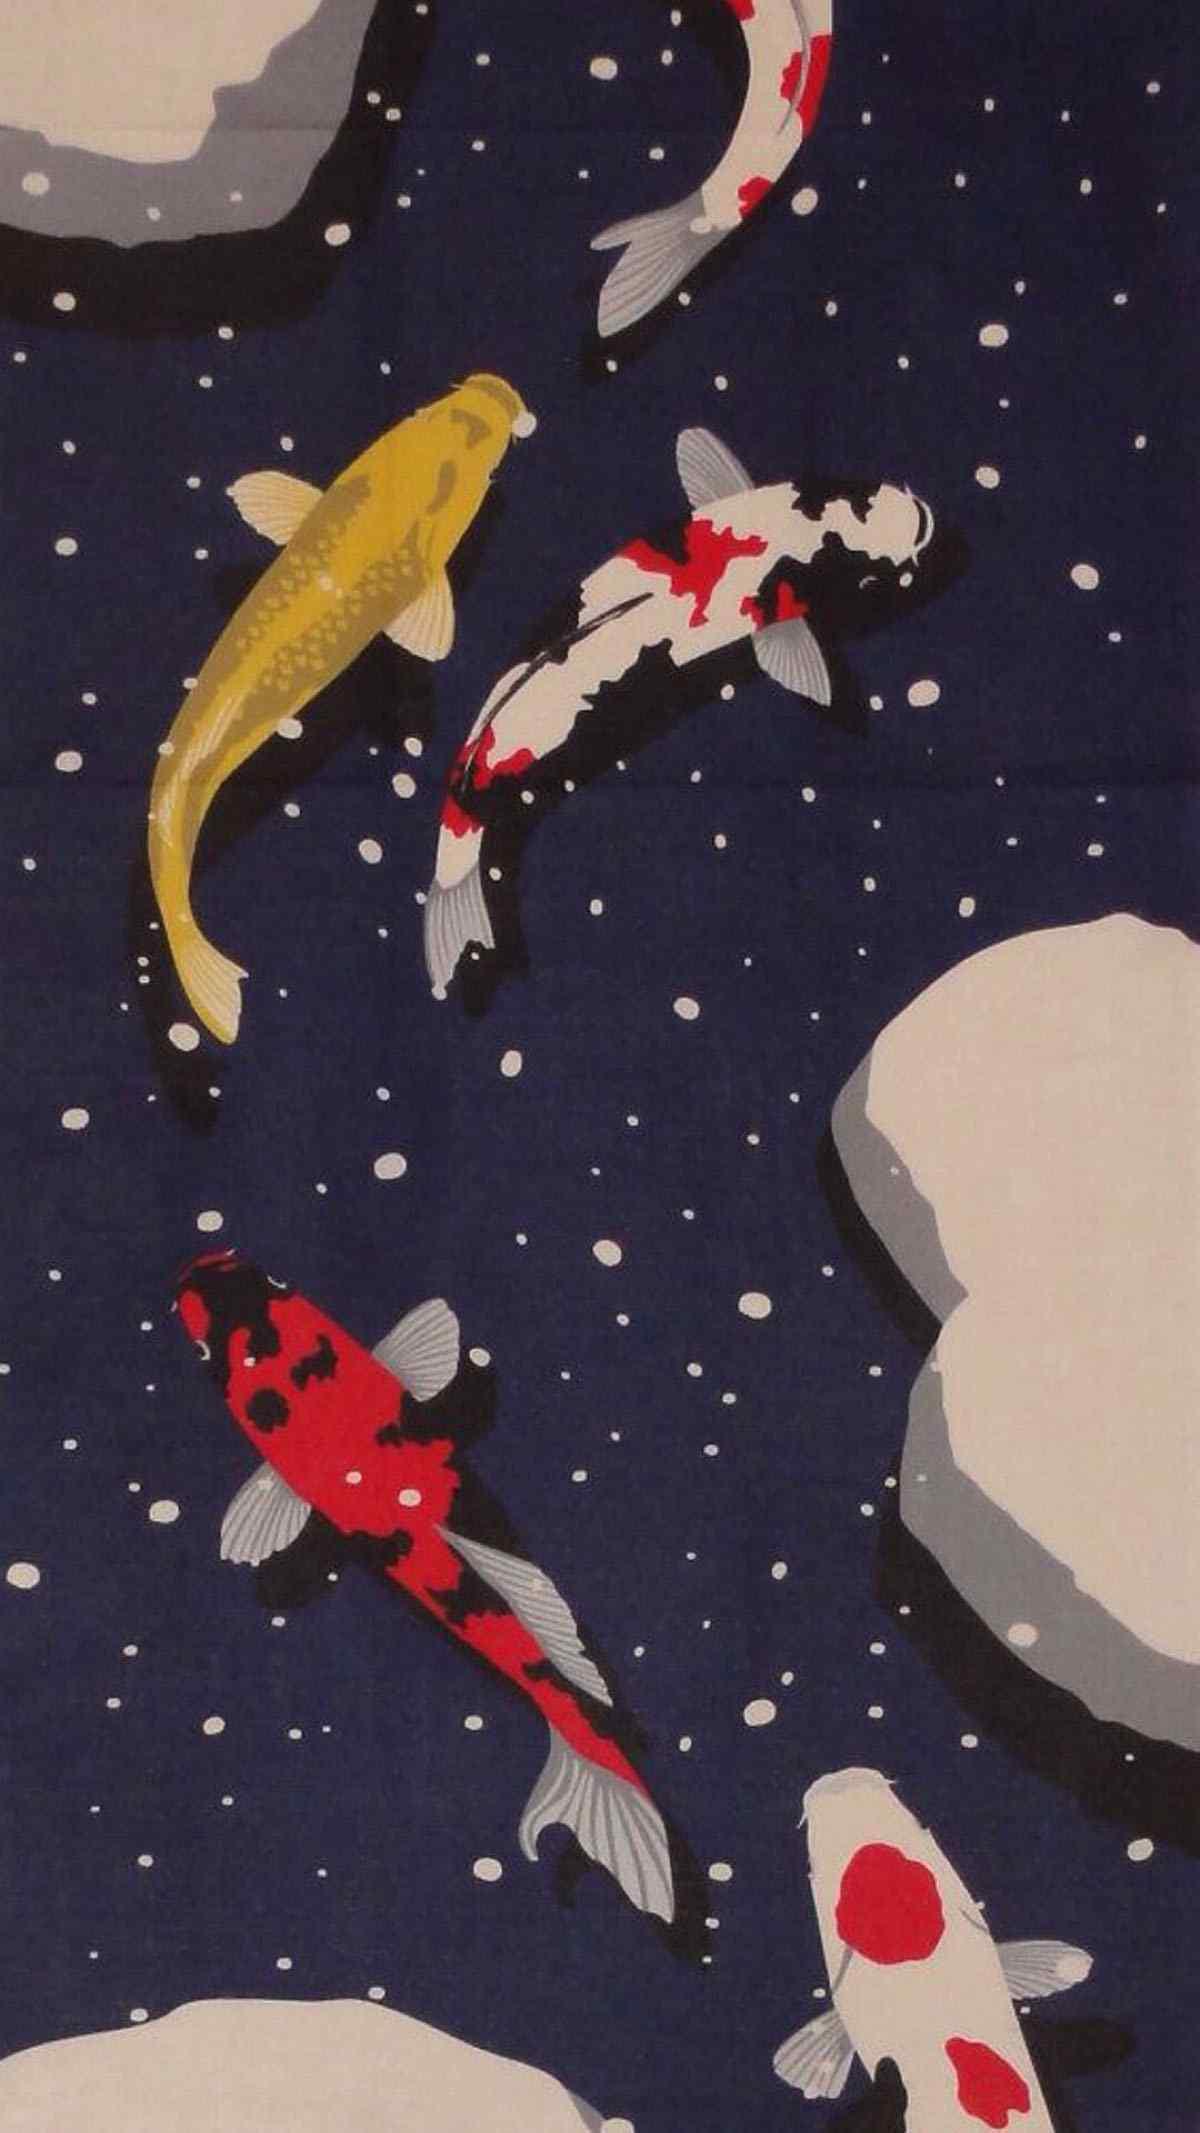 好看的锦鲤手绘手机图片